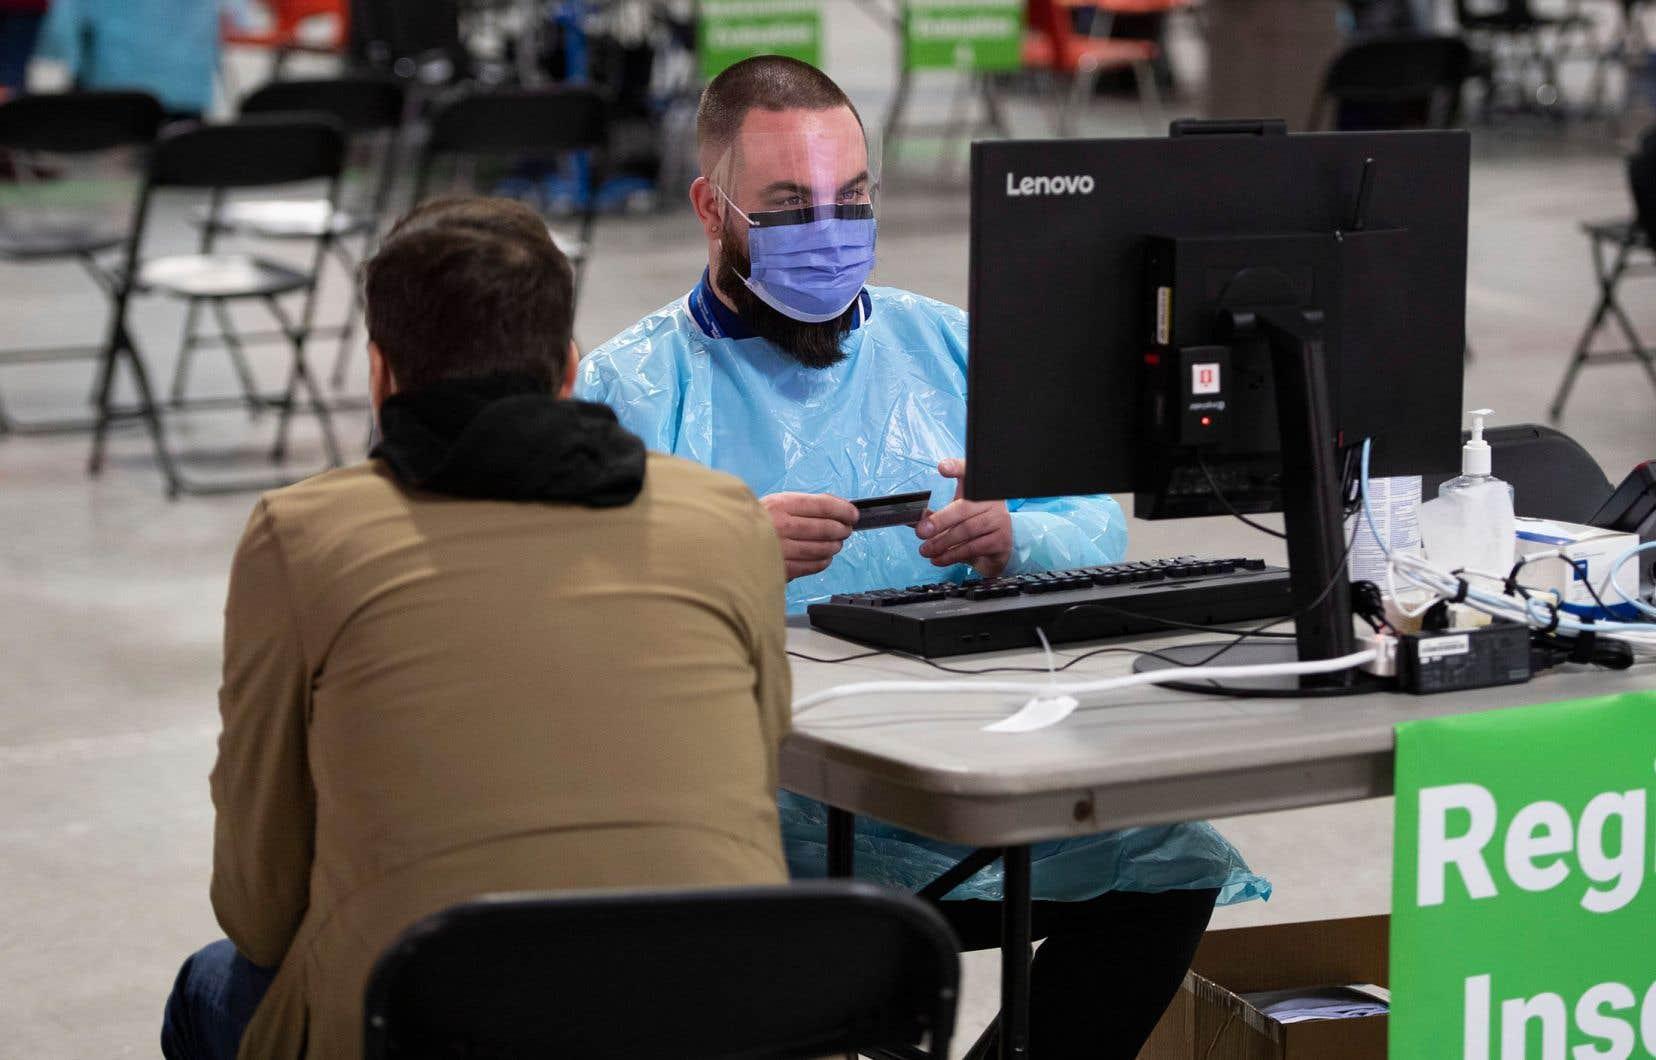 «Il ne faudrait surtout pas profiter de la pandémie de COVID-19 pour ralentir, voire suspendre les débats publics concernant la protection des données personnelles de santé au Québec», estiment les autrices.